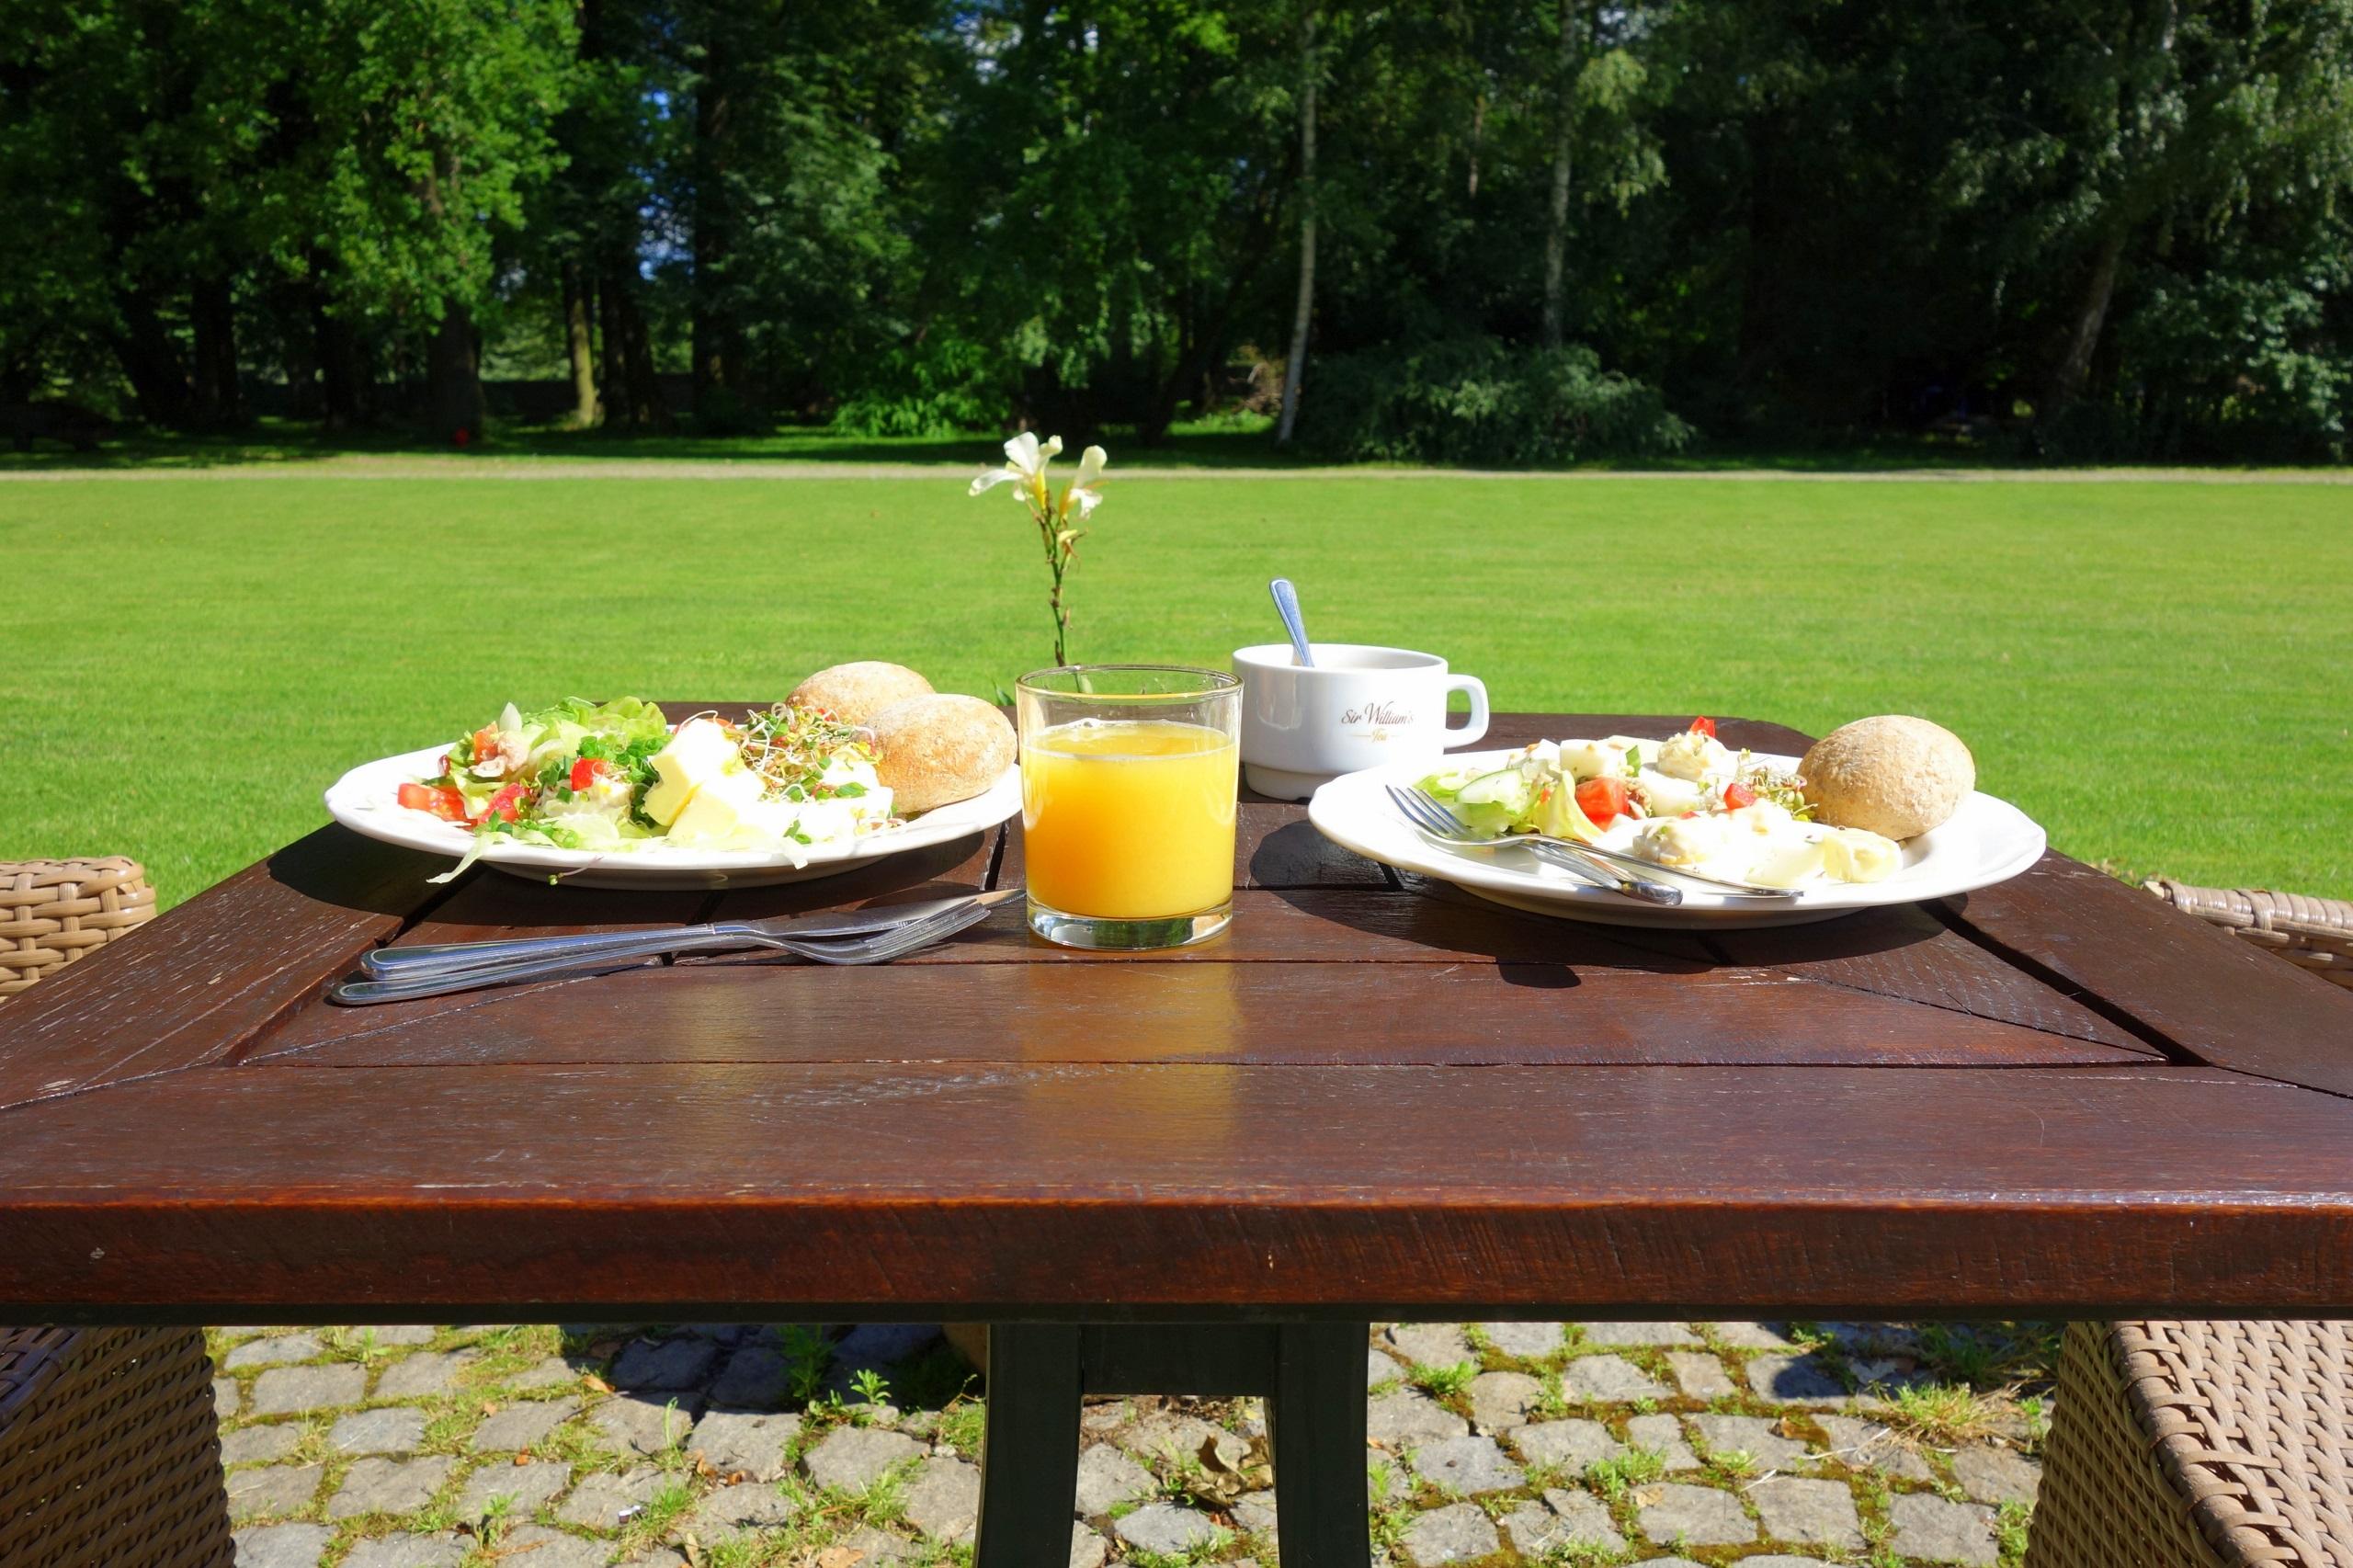 A może by tak zjeść śniadanie w zamkowym parku? - Zamek na Skale